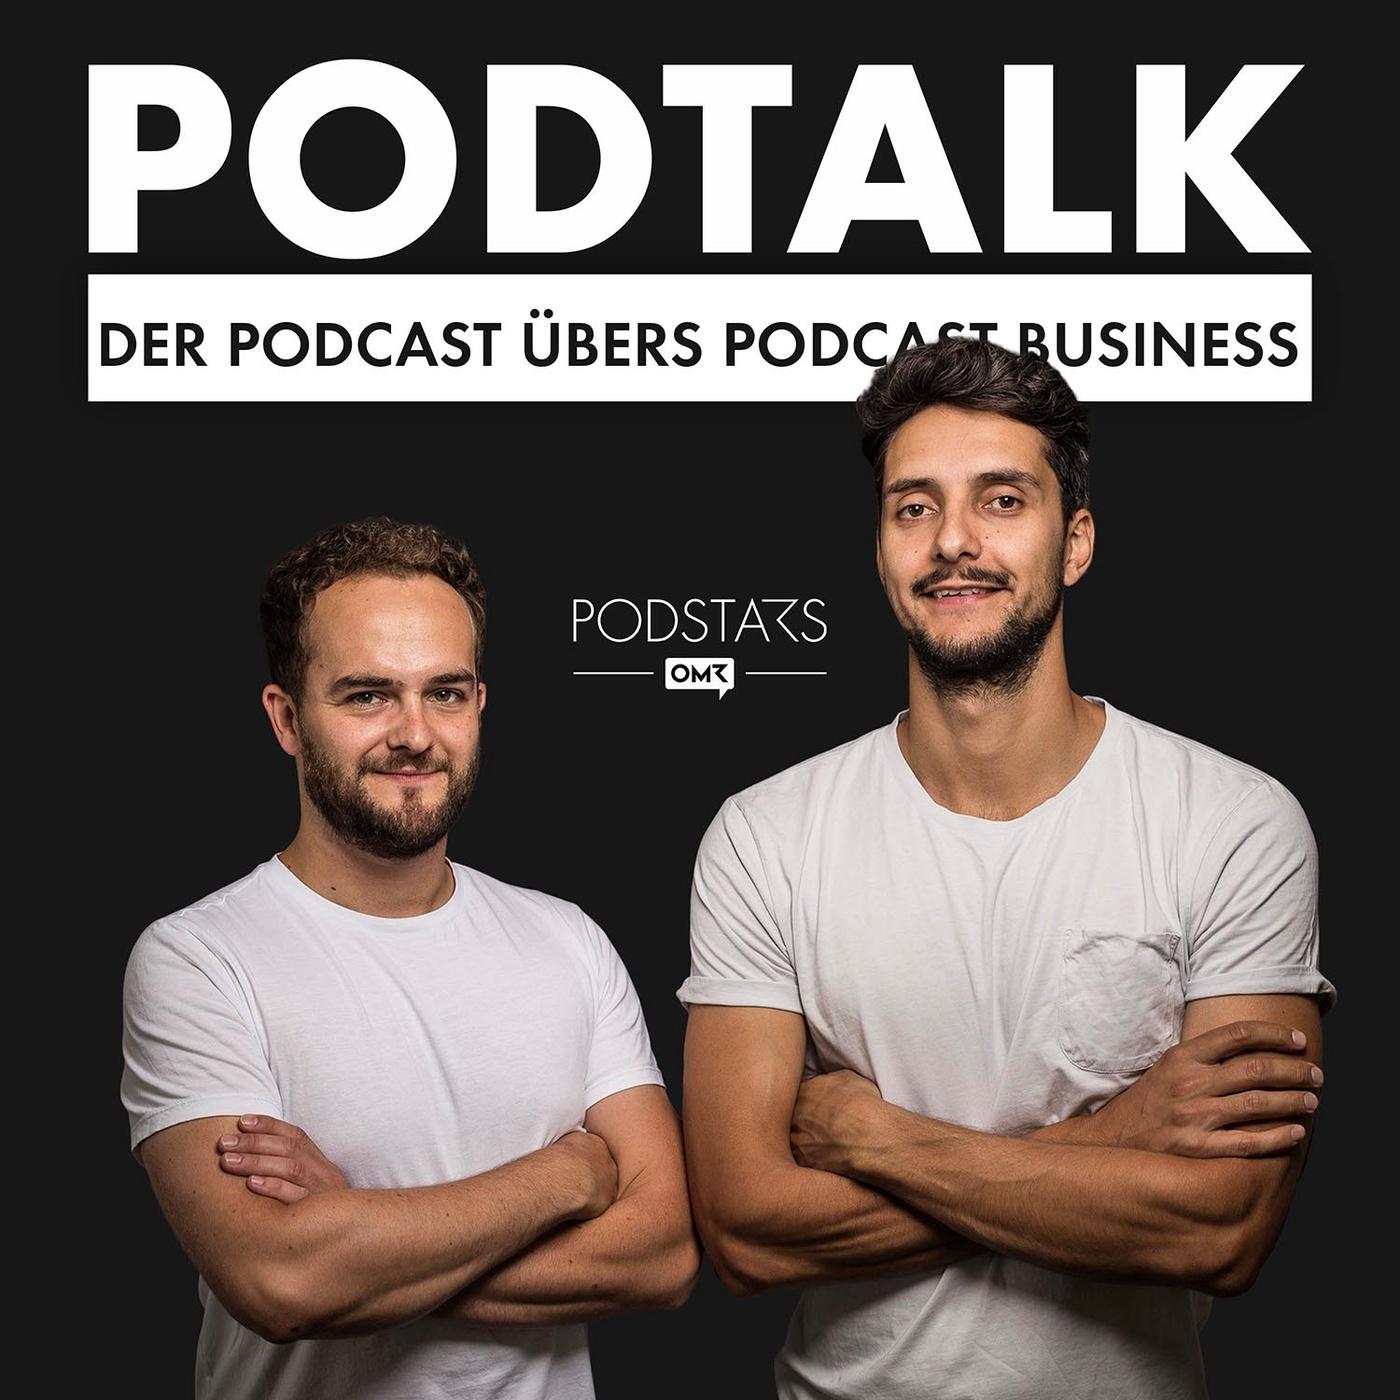 PodTalk #22 Das Podcastgeschäft bei Spotify und die Zukunft des Podcastings